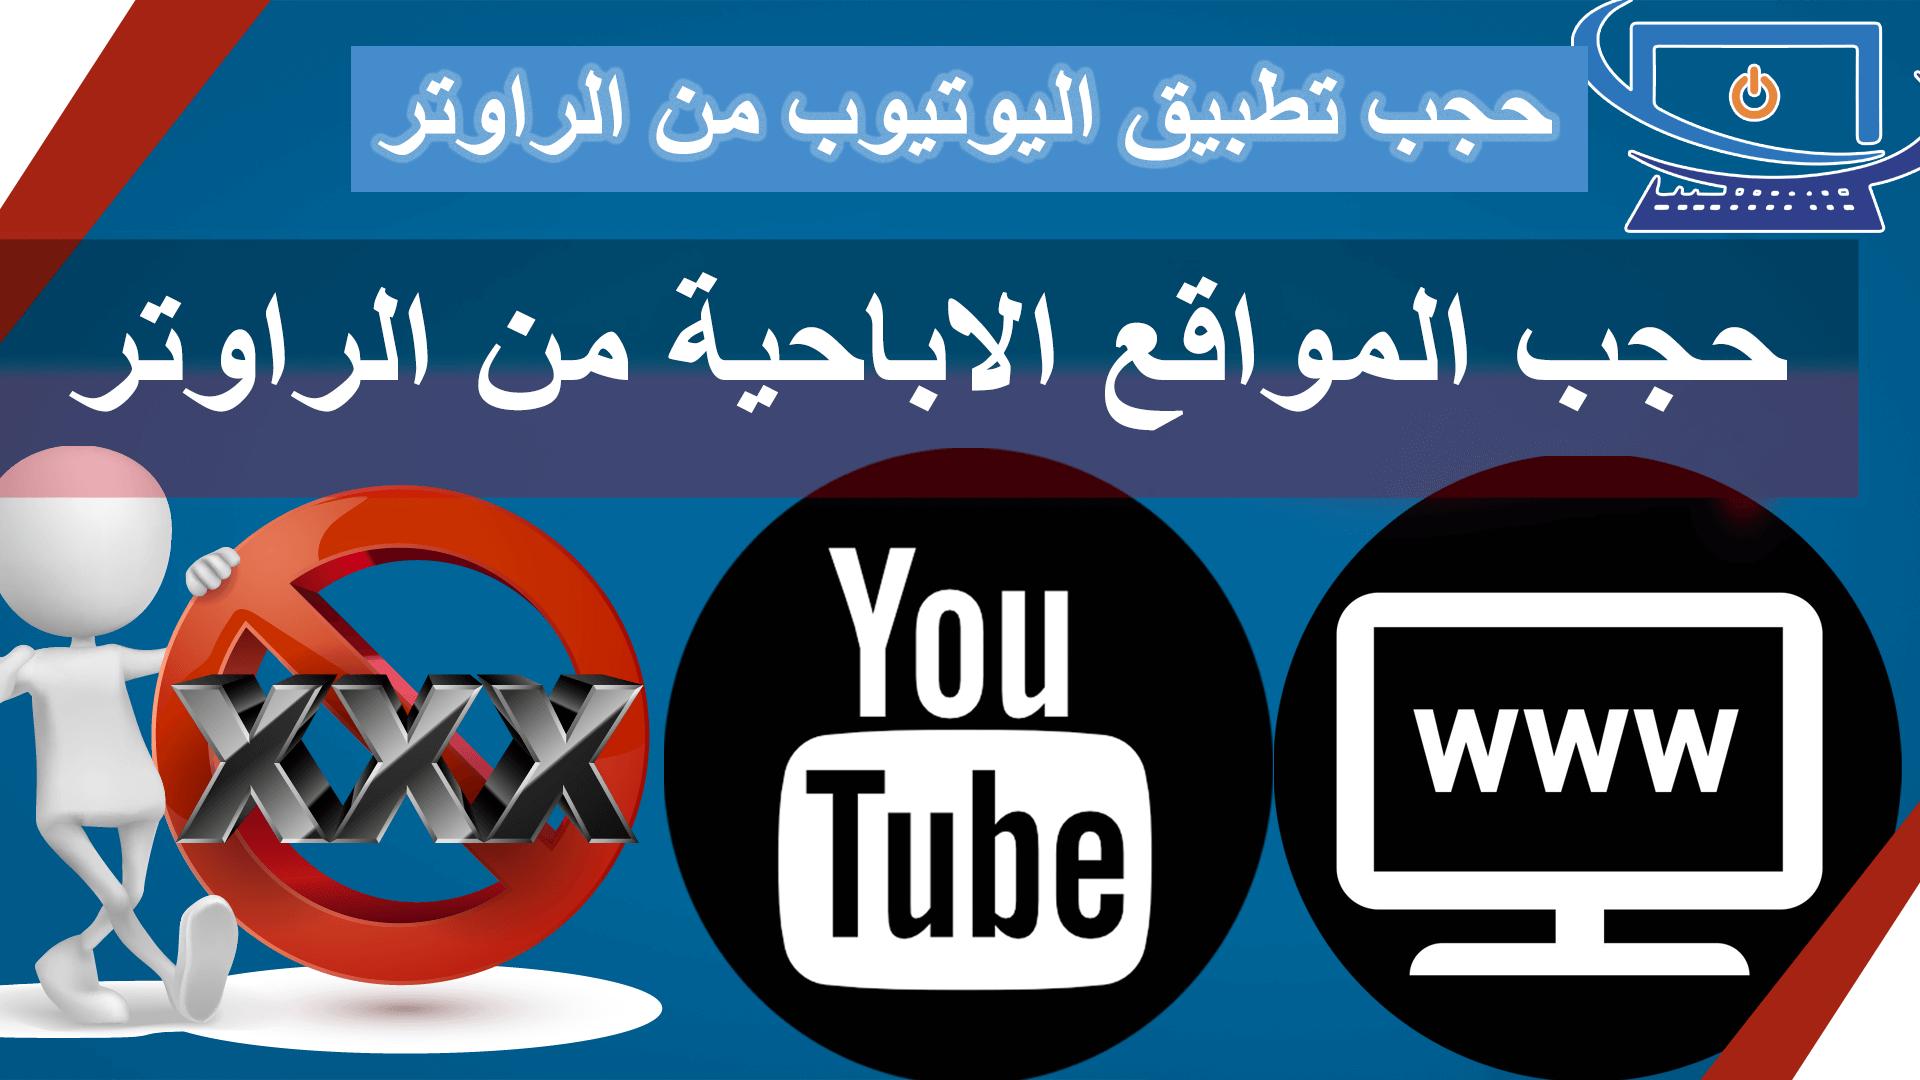 حجب-المواقع-الاباحية-من-الراوتر-&-حجب-تطبيق-اليوتيوب-من-الراوتر-